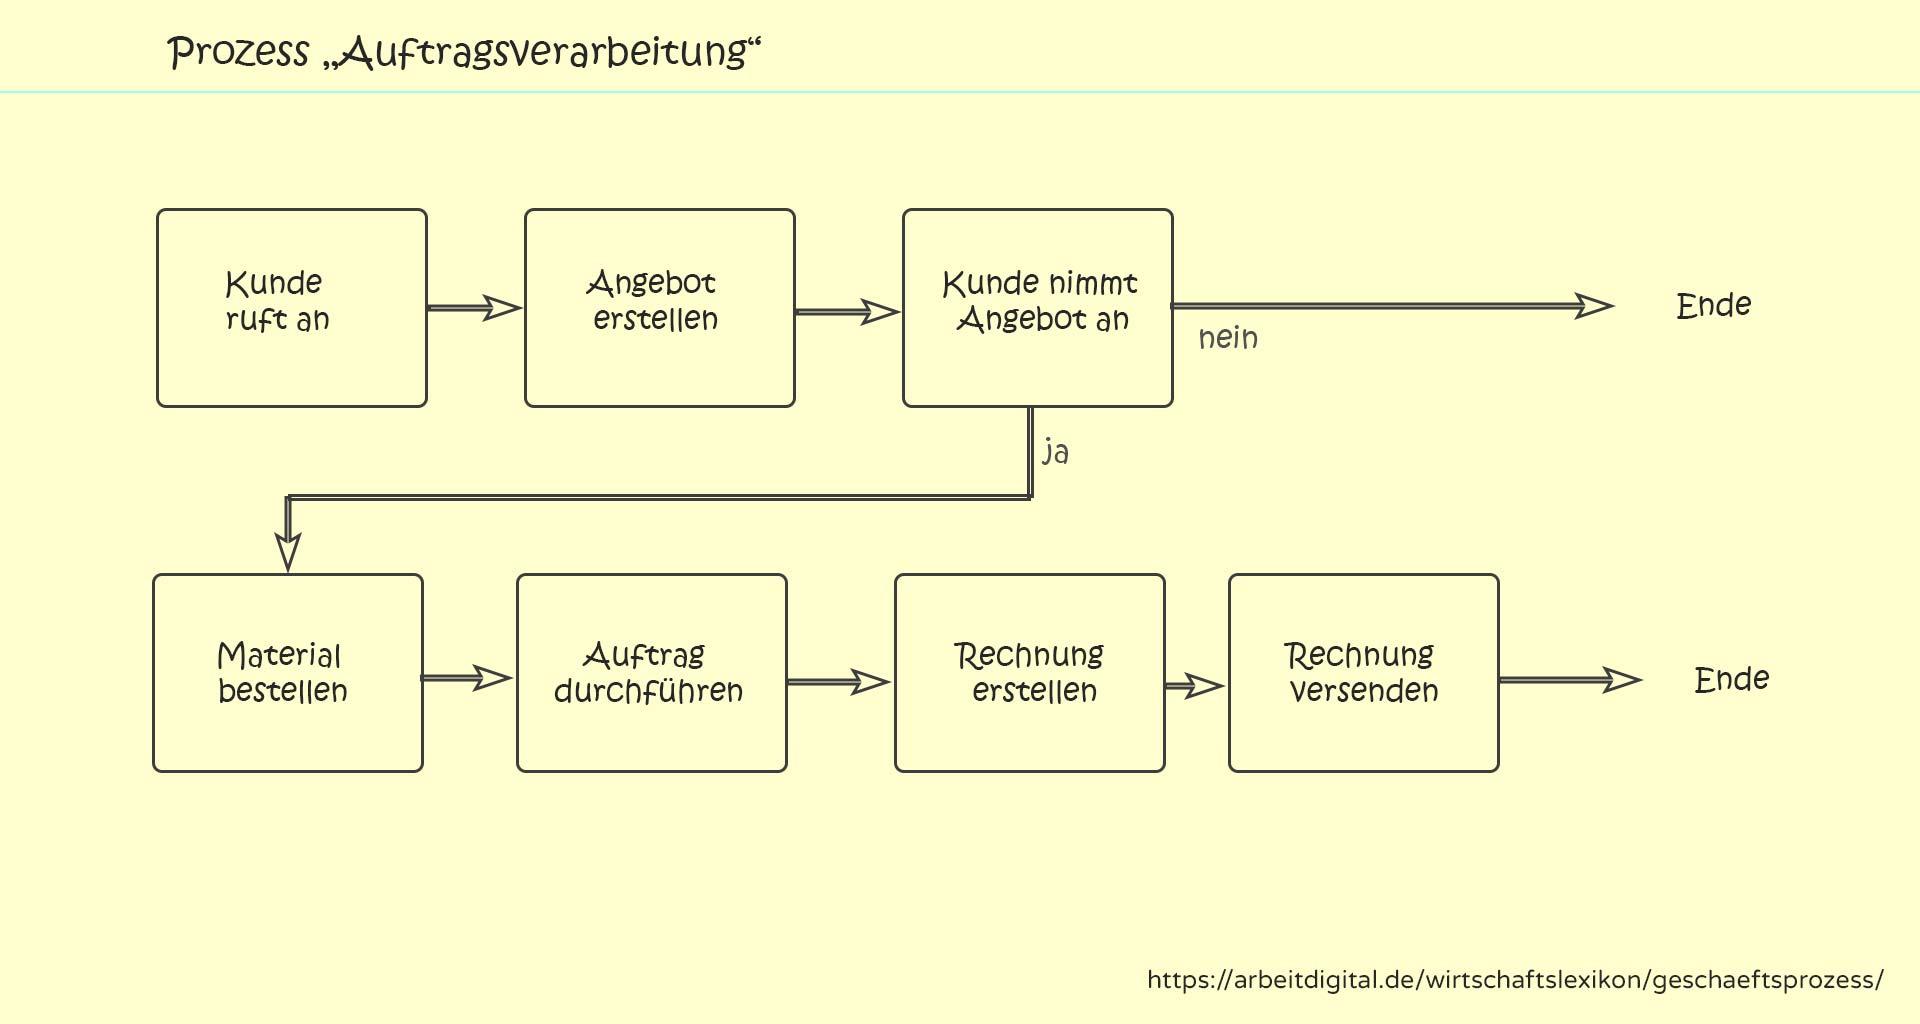 Geschäftsprozess Definition Beispiele Co Arbeitdigital